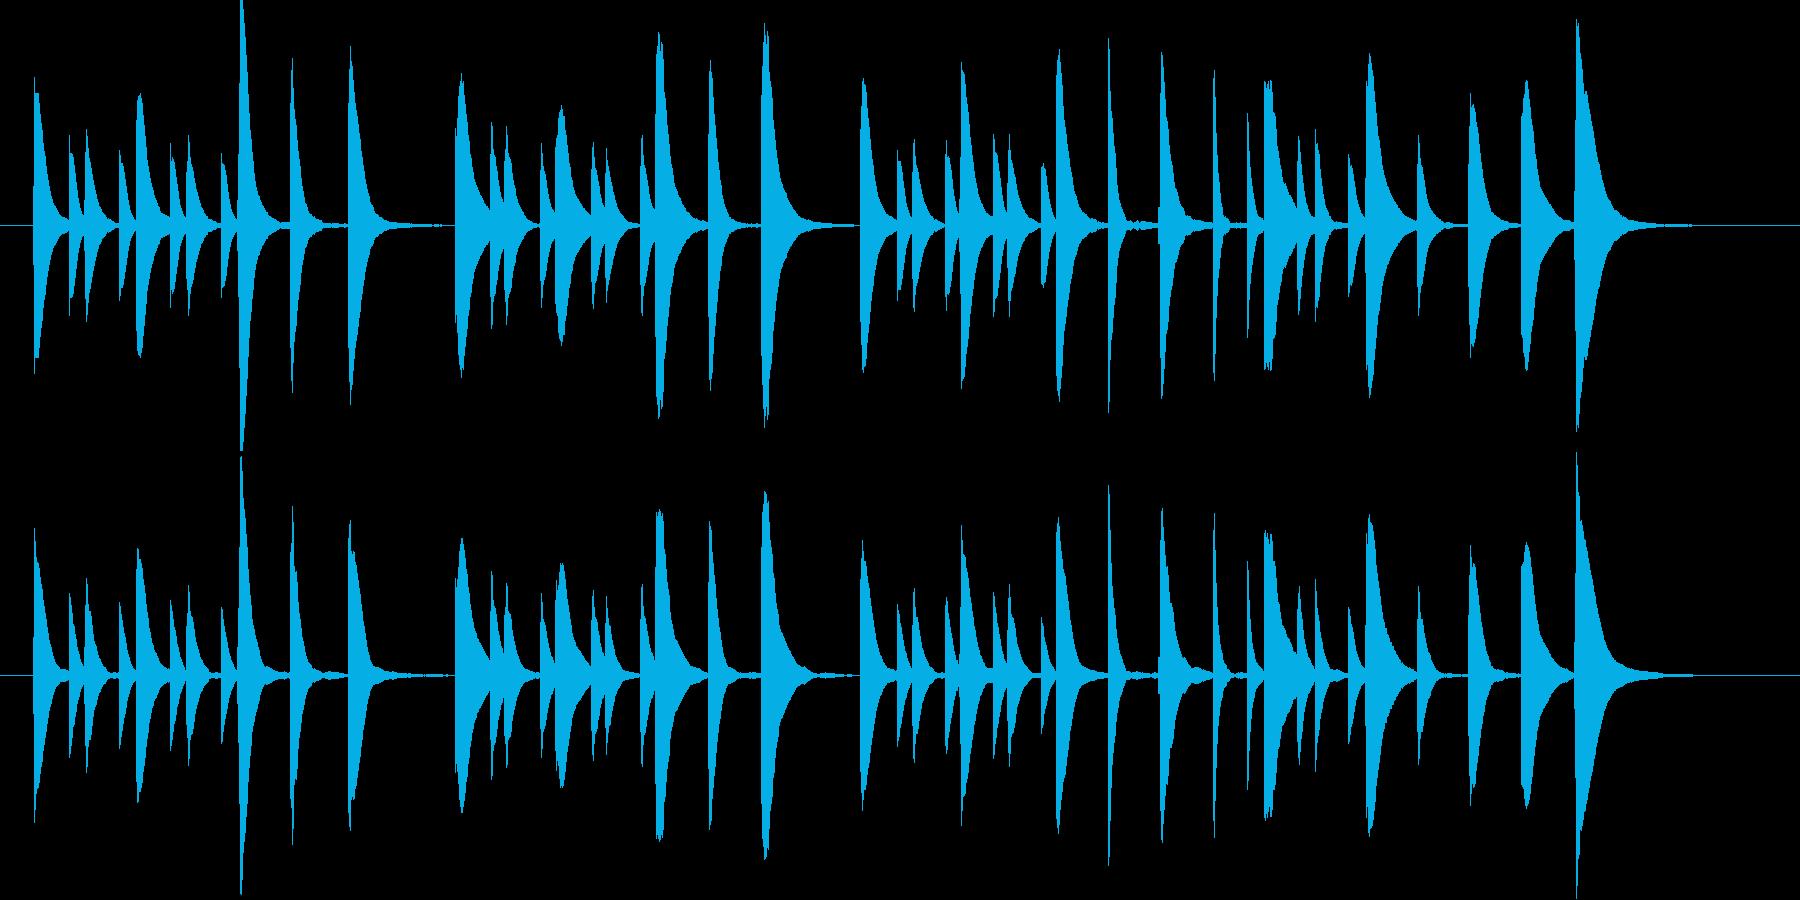 子供が遊ぶようなほのぼのマリンバBGMの再生済みの波形